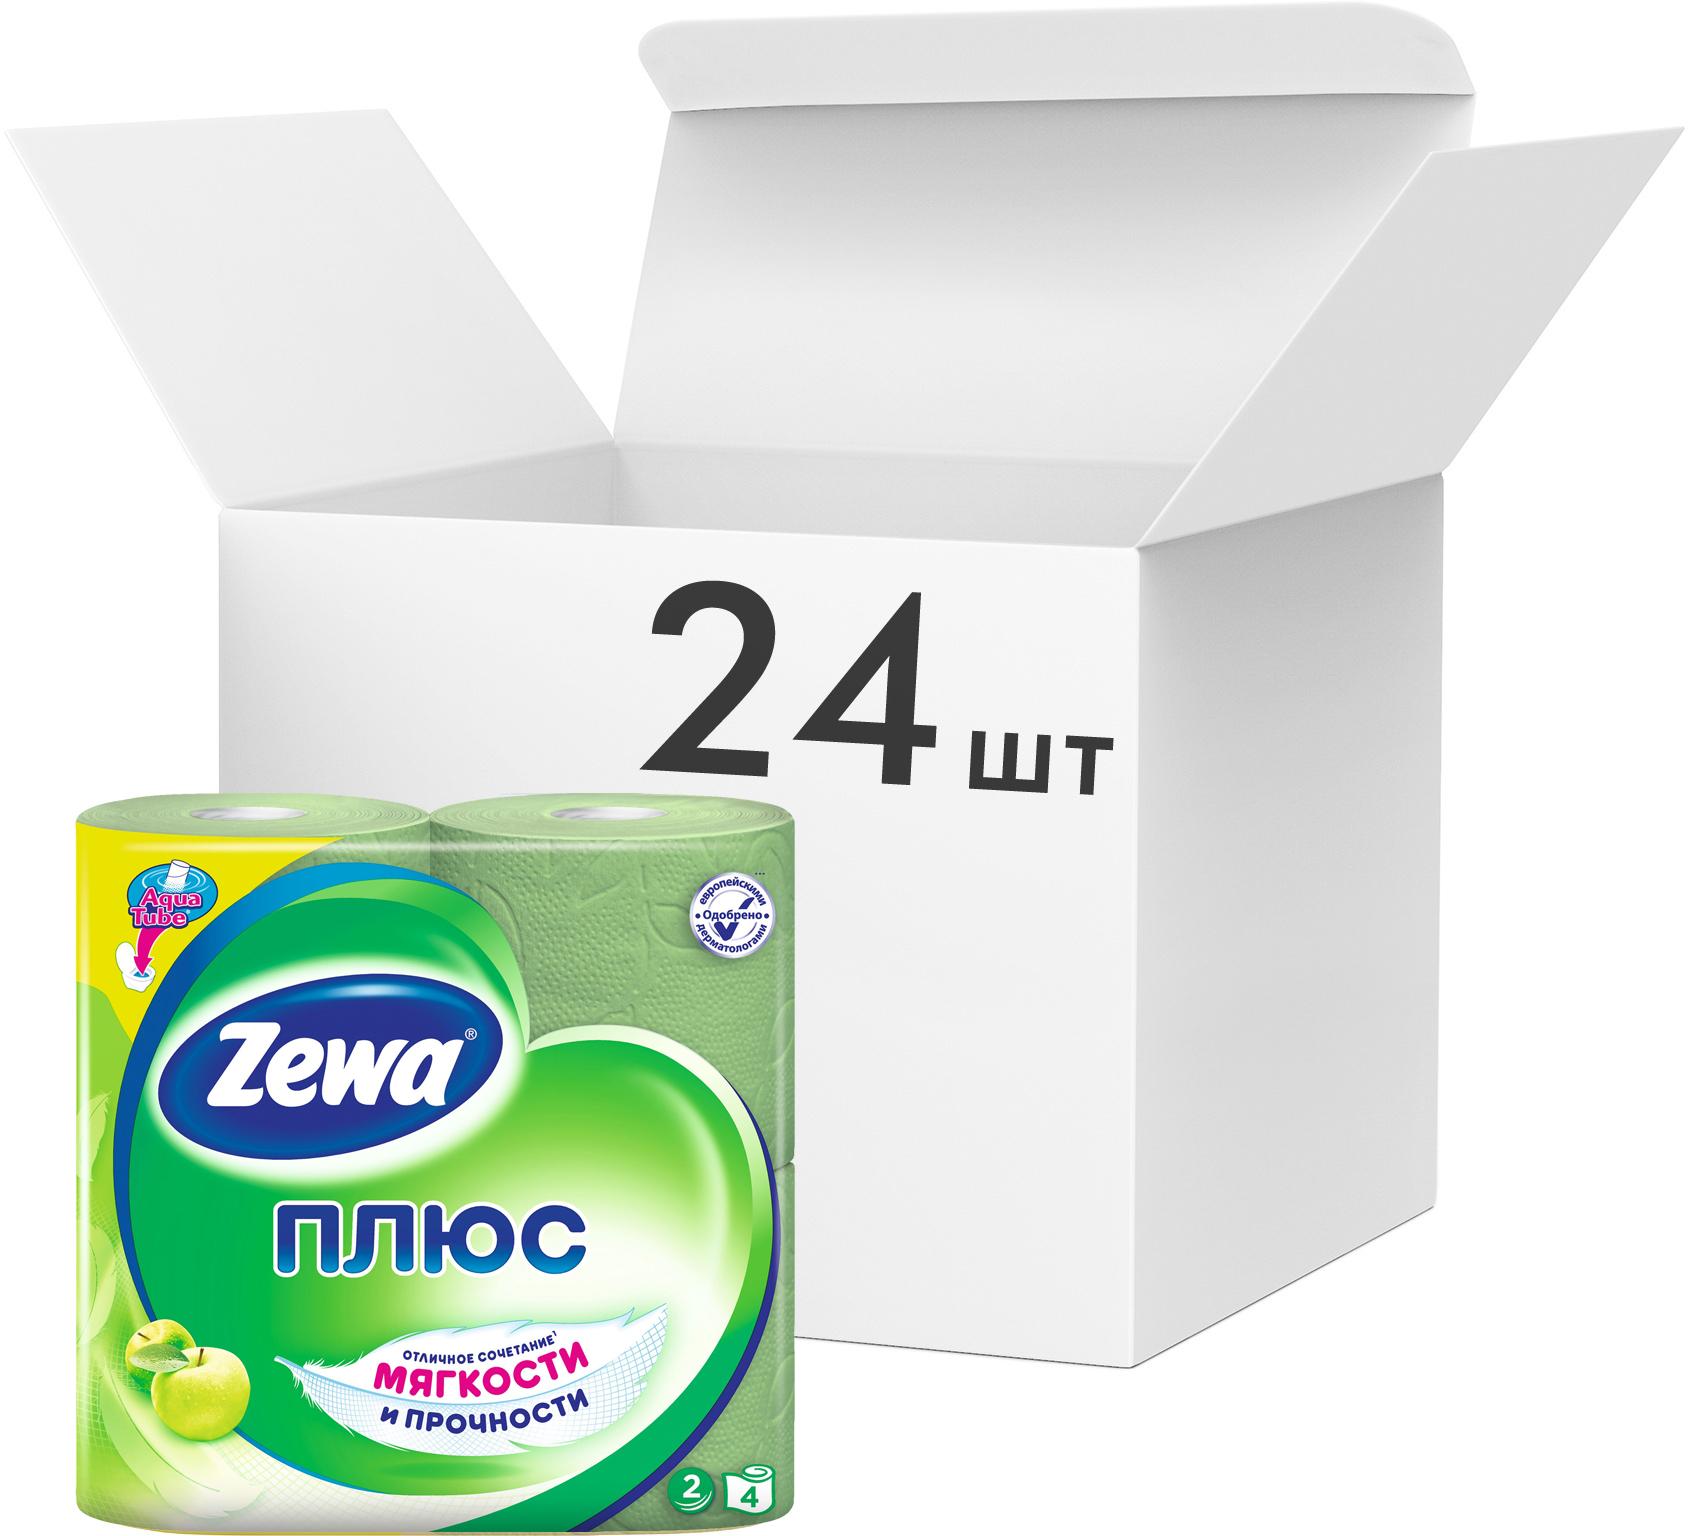 Туалетная бумага Стандарт 2-х сл., целлюлоза, 168отр.(9,5*12,5см.) Яблоко, 4шт./уп., зелен. ZEWA - фото 2